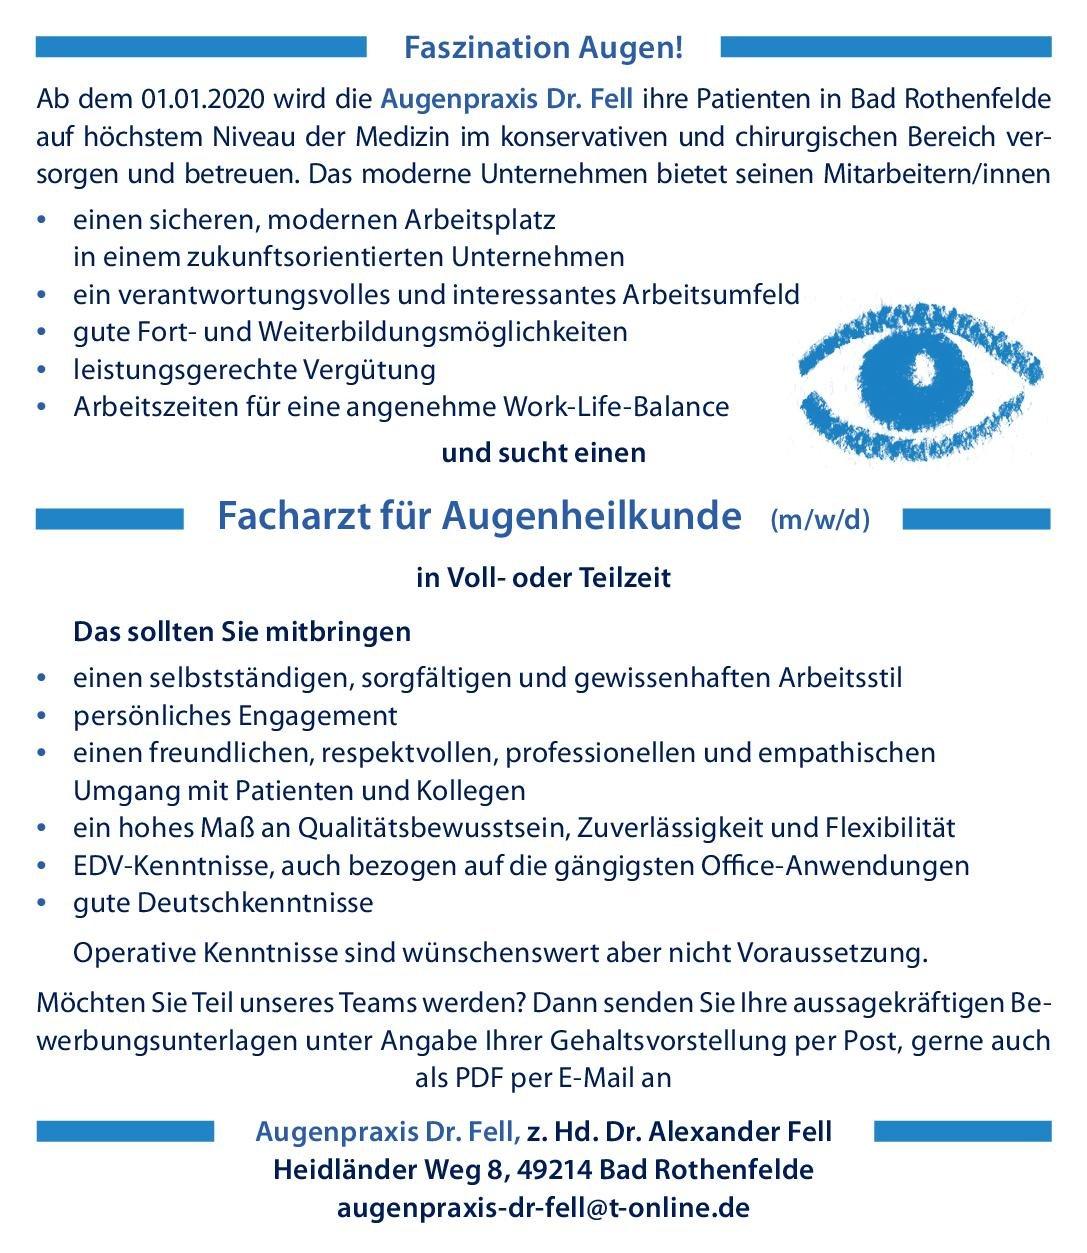 Augenpraxis Dr. Fell Facharzt für Augenheilkunde (m/w/d) Augenheilkunde Arzt / Facharzt